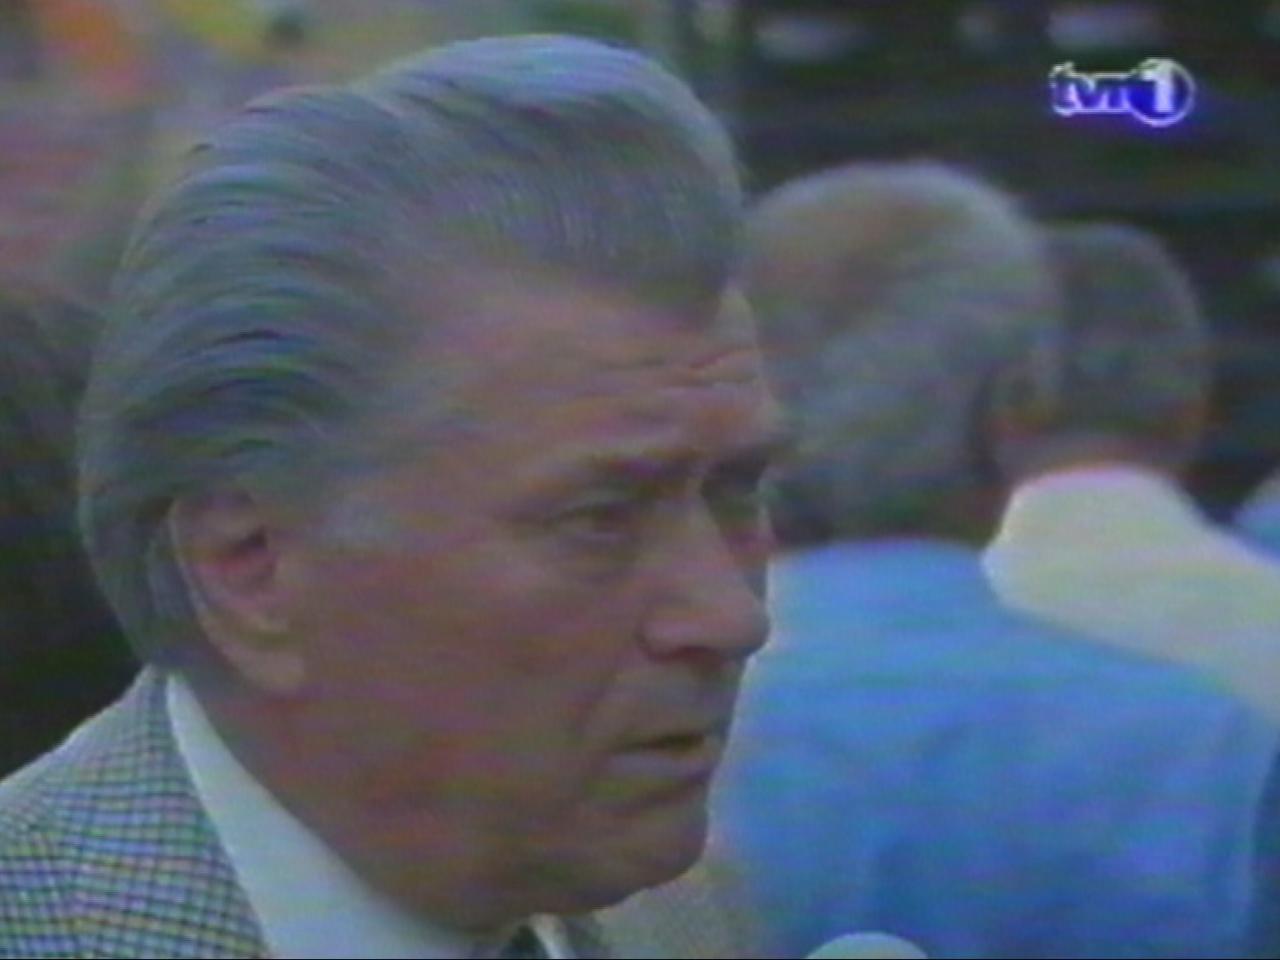 Amara 1998 - Vasile Donose.jpg